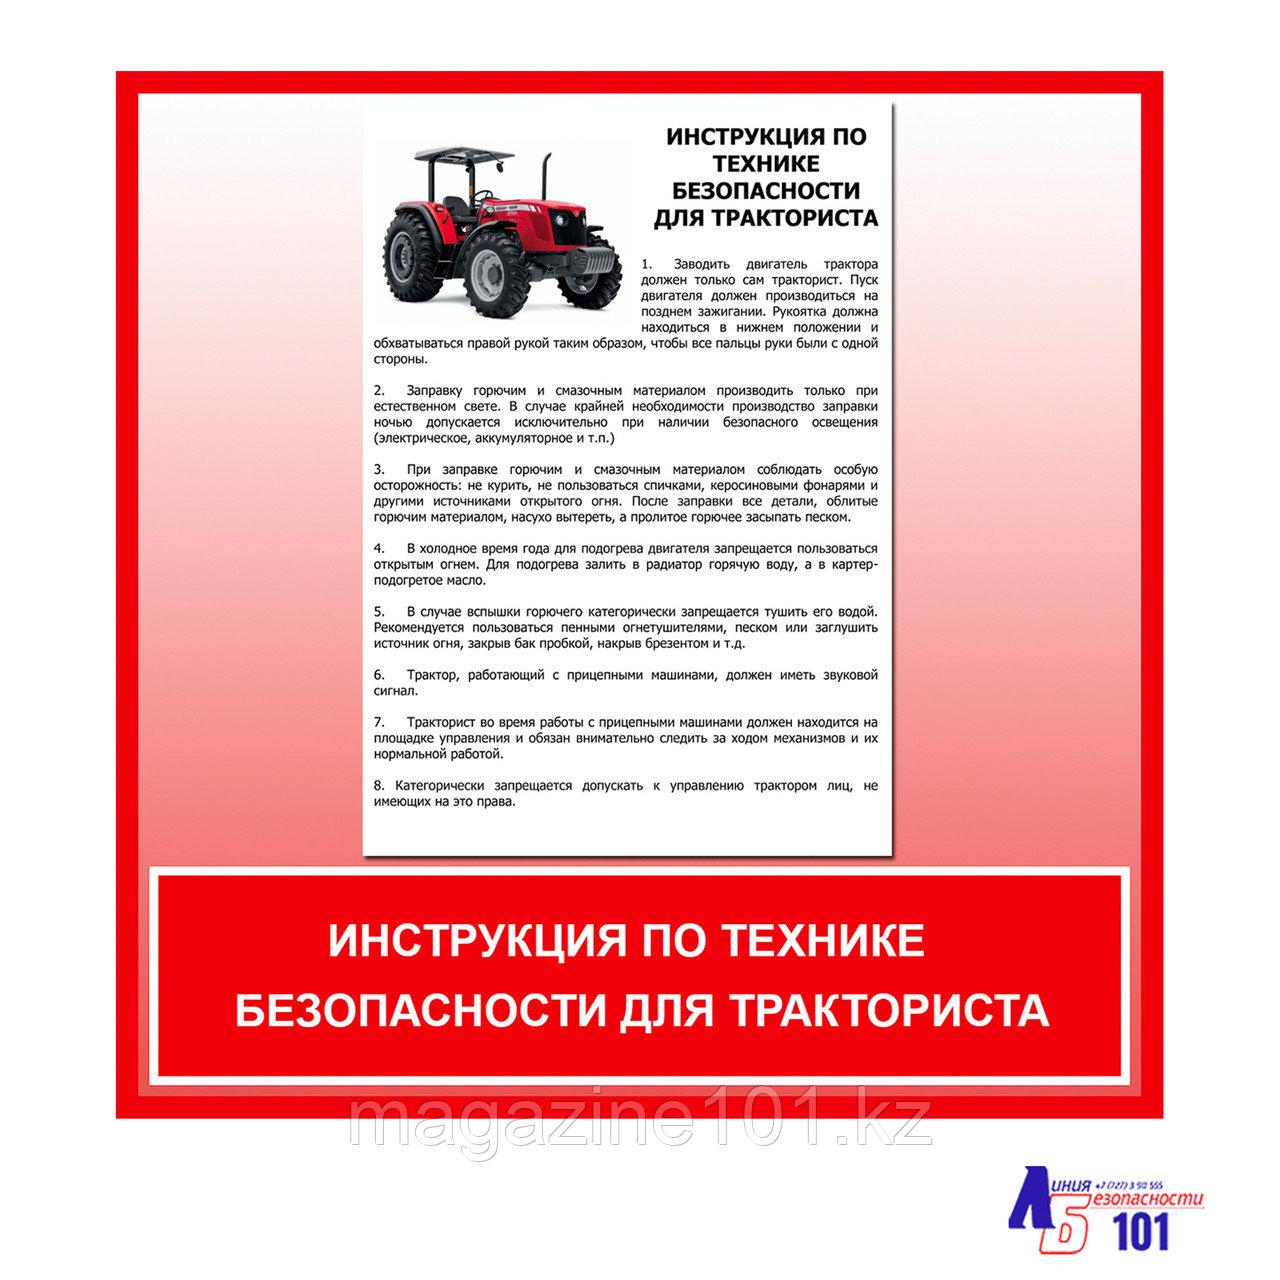 """Плакат """"Инструкция по технике безопасности для тракториста"""""""